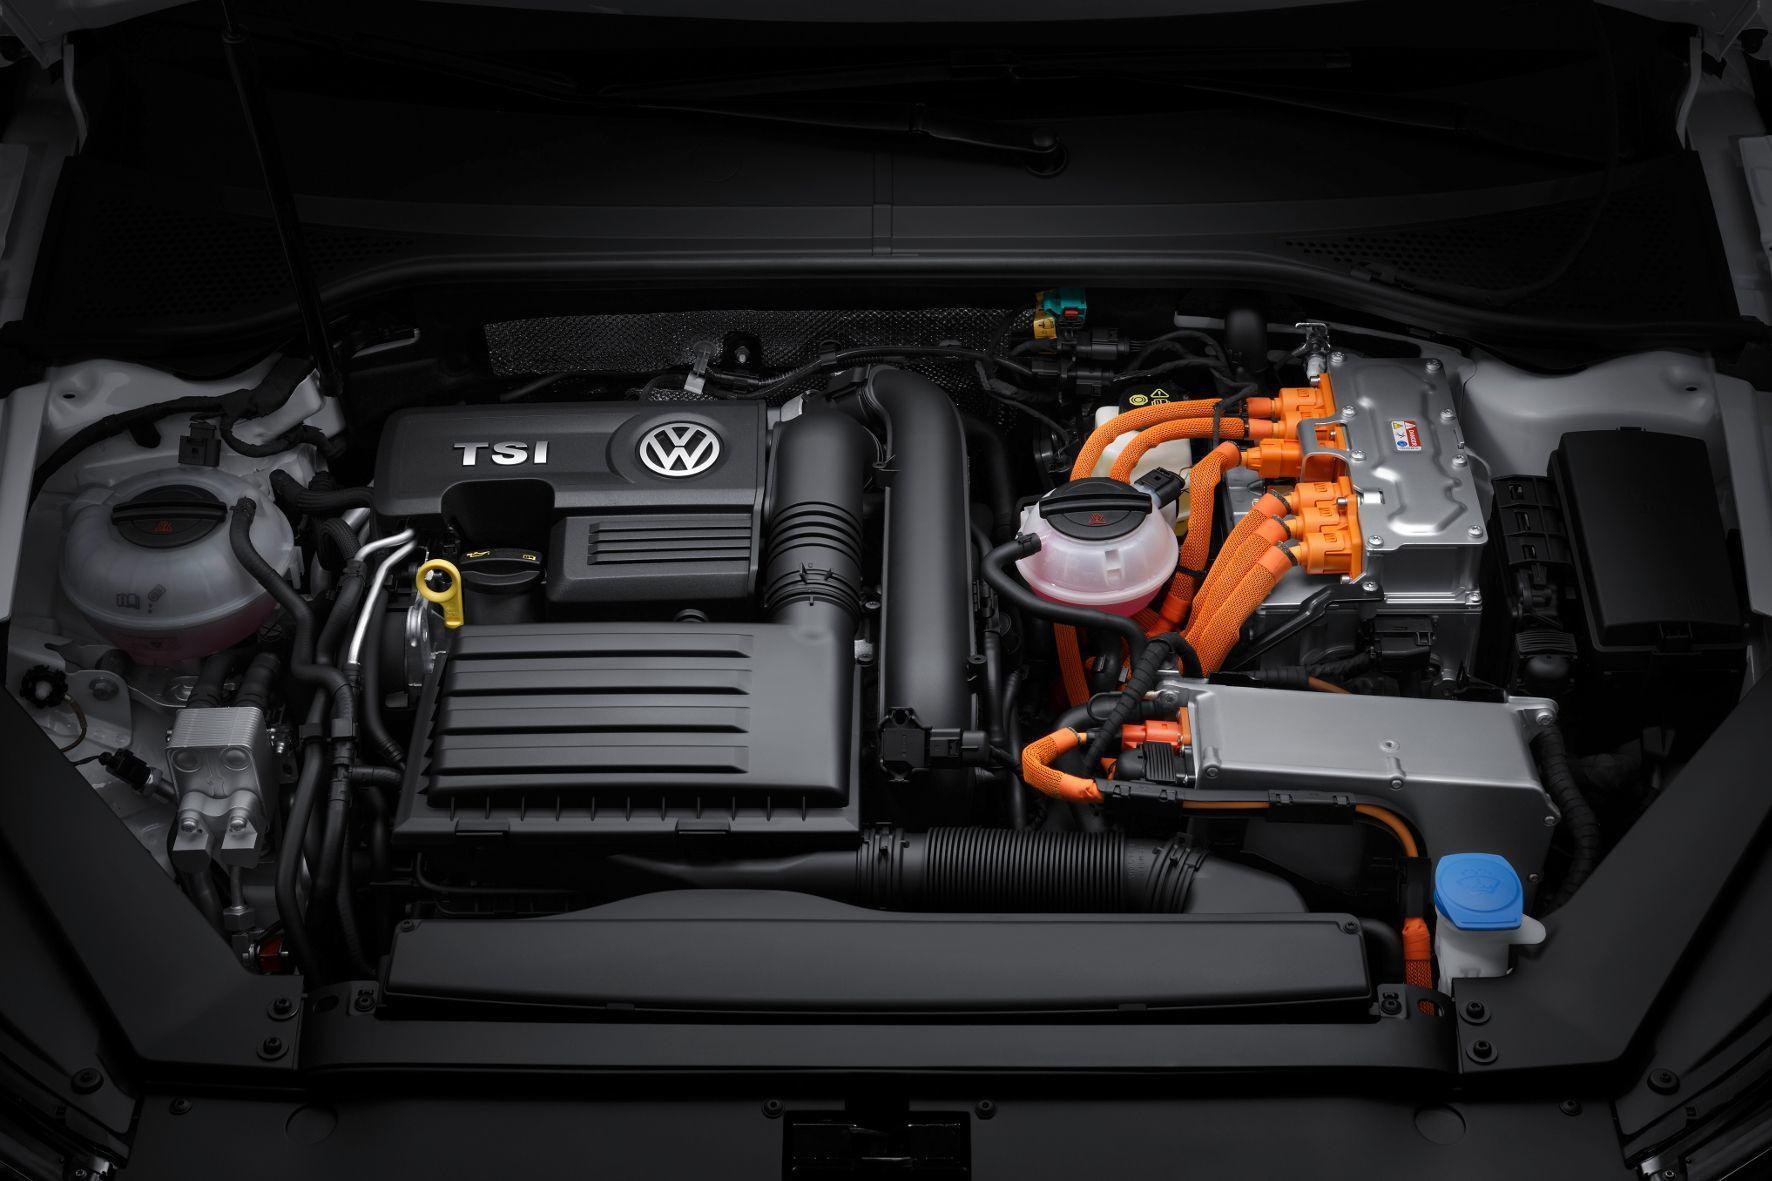 mid Groß-Gerau - Zukunftssichere Technik? Der Motorraum eines Passat GTE mit Benziner und Plug-in-Hybrid.